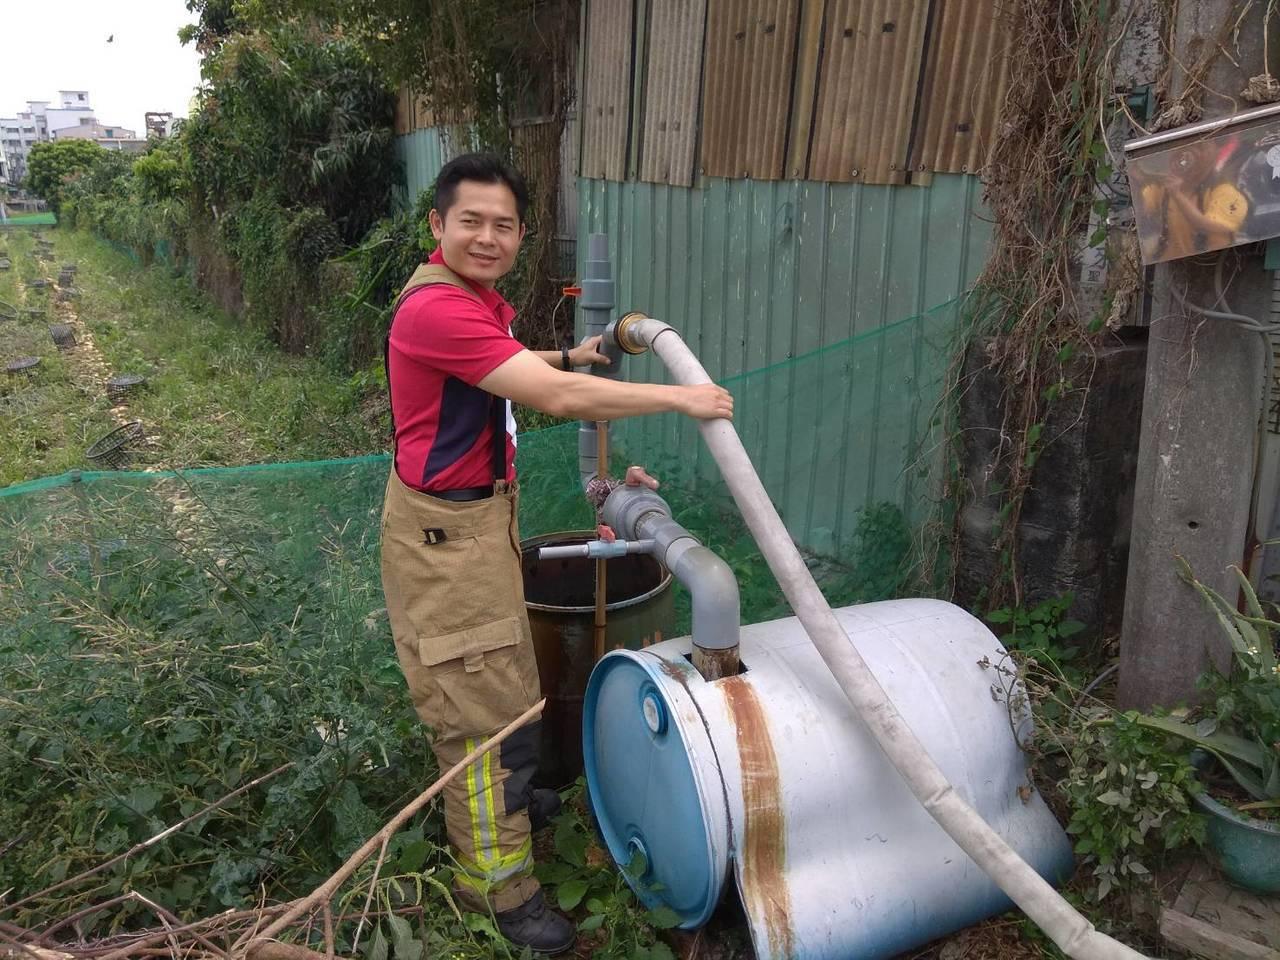 灌溉用水井使用轉接器材後的情形。記者劉星君/翻攝